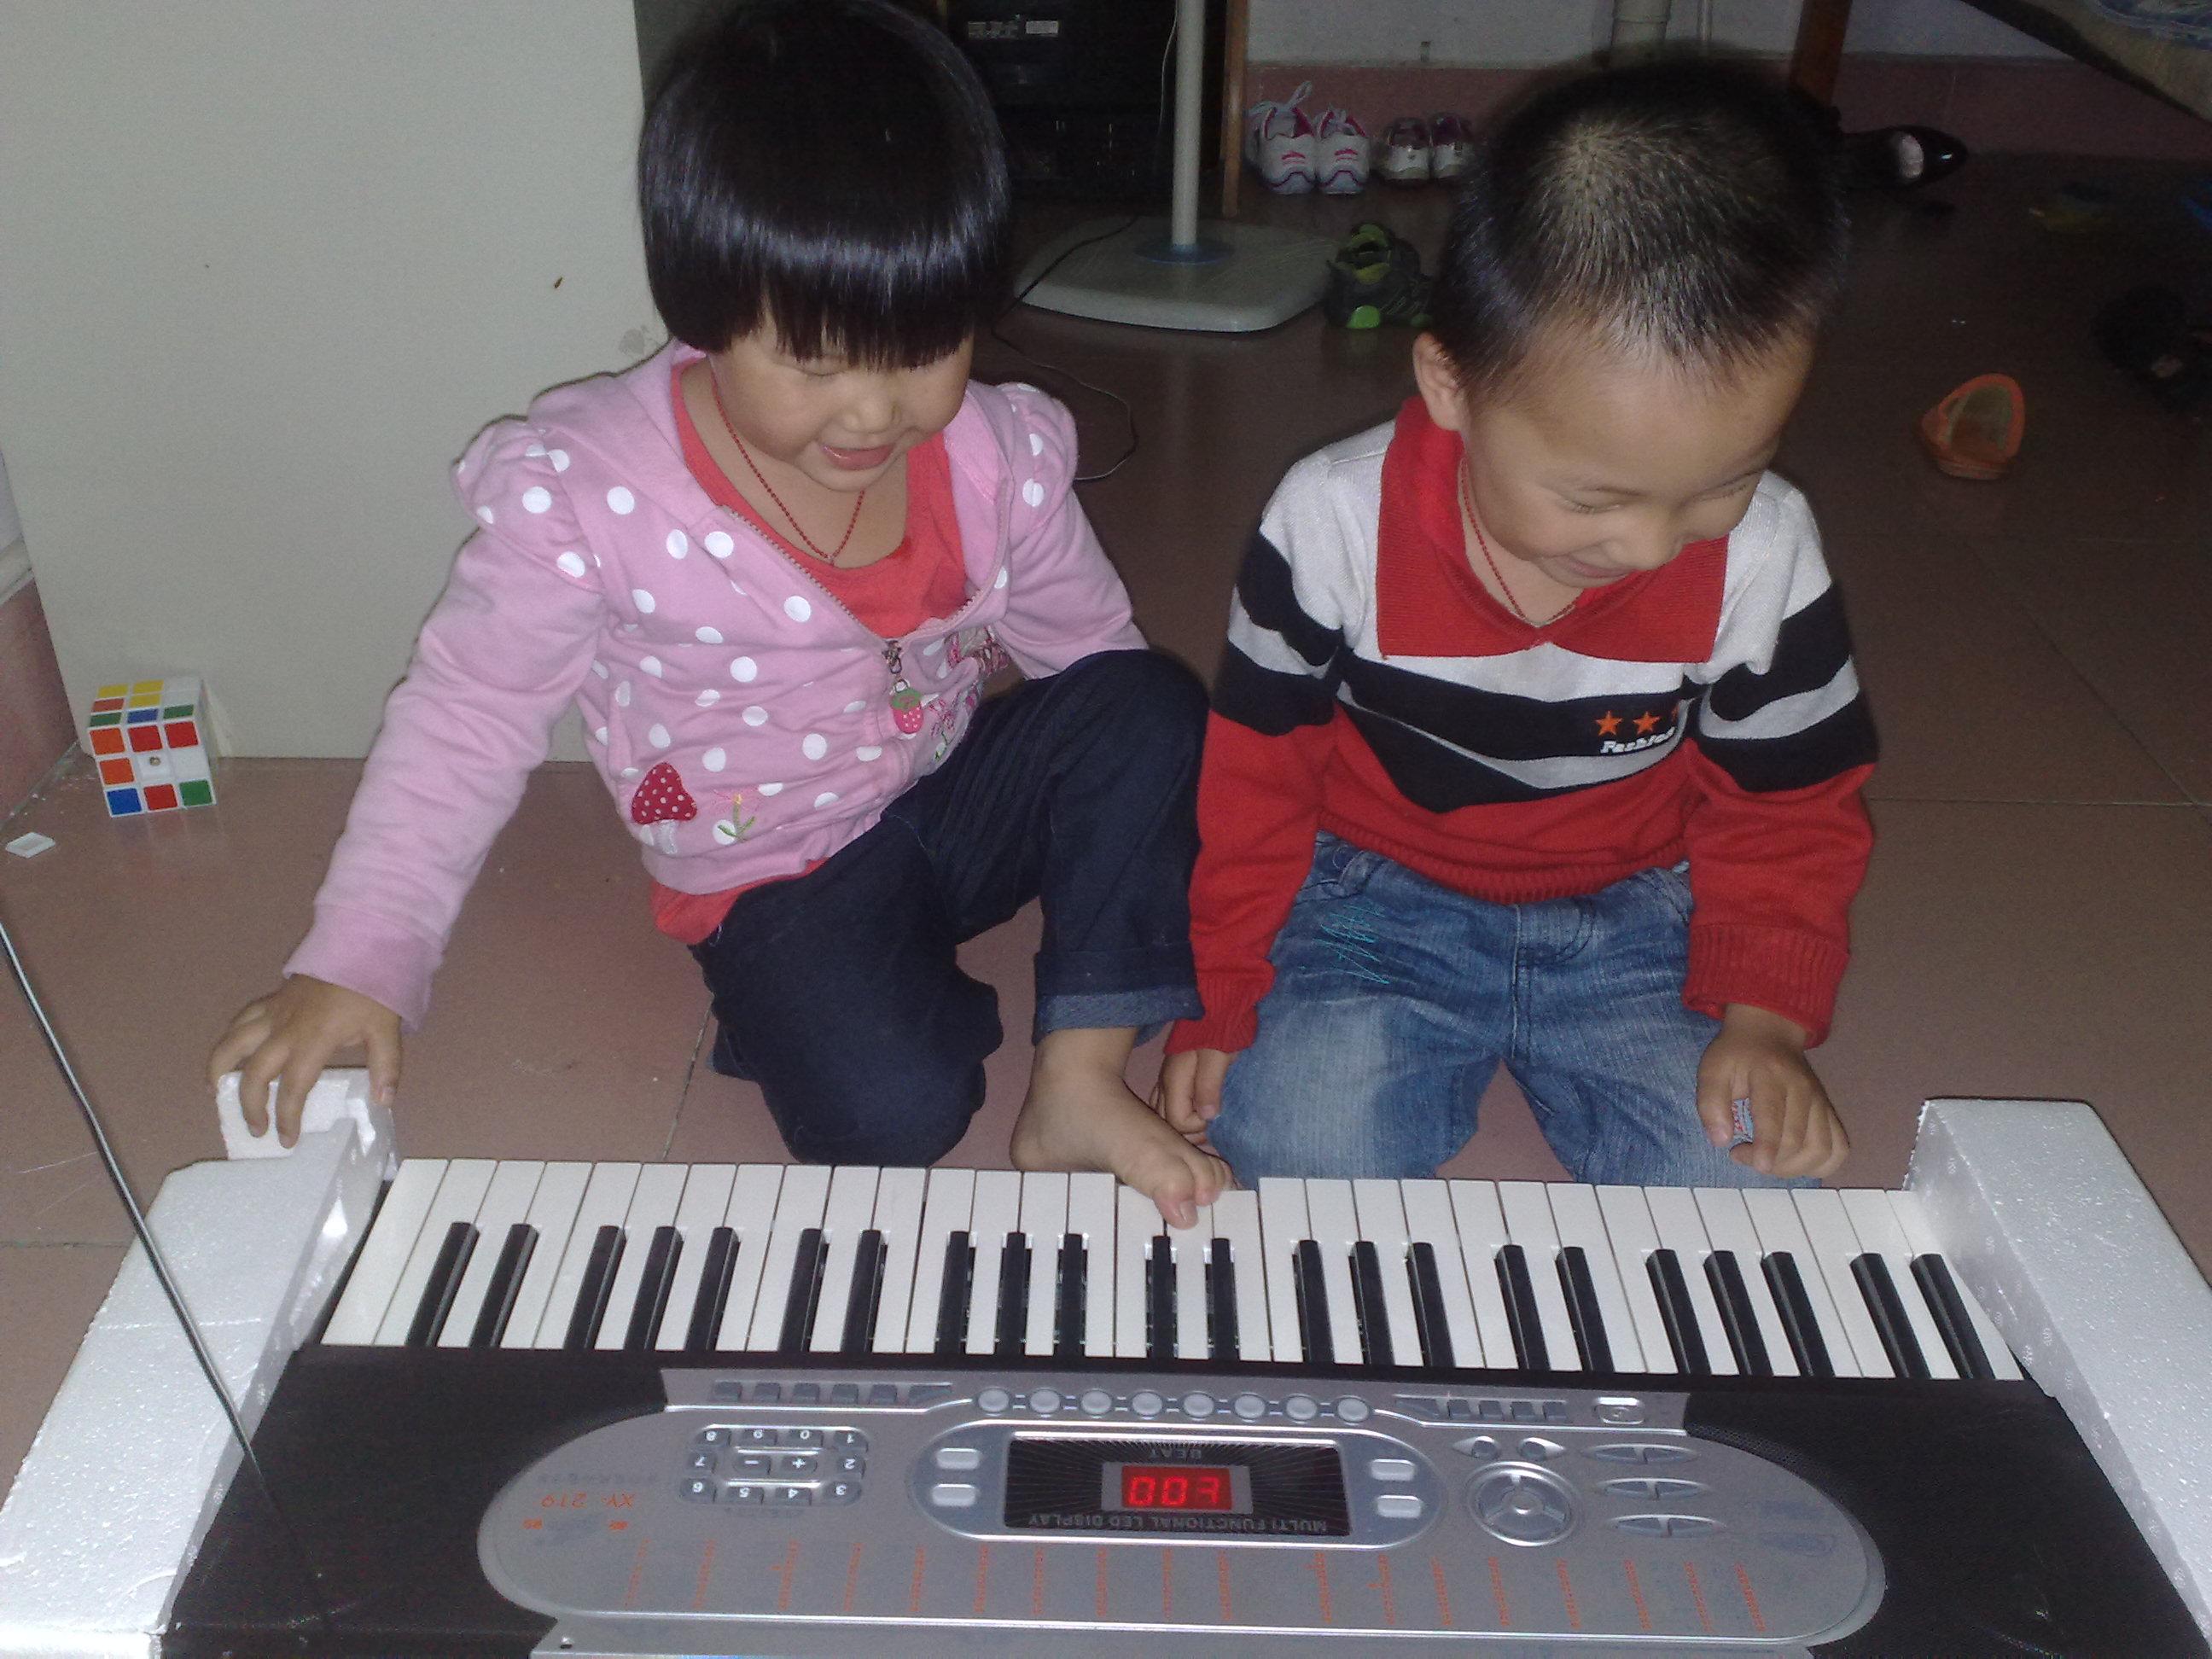 我的快乐就是想你电子琴歌谱